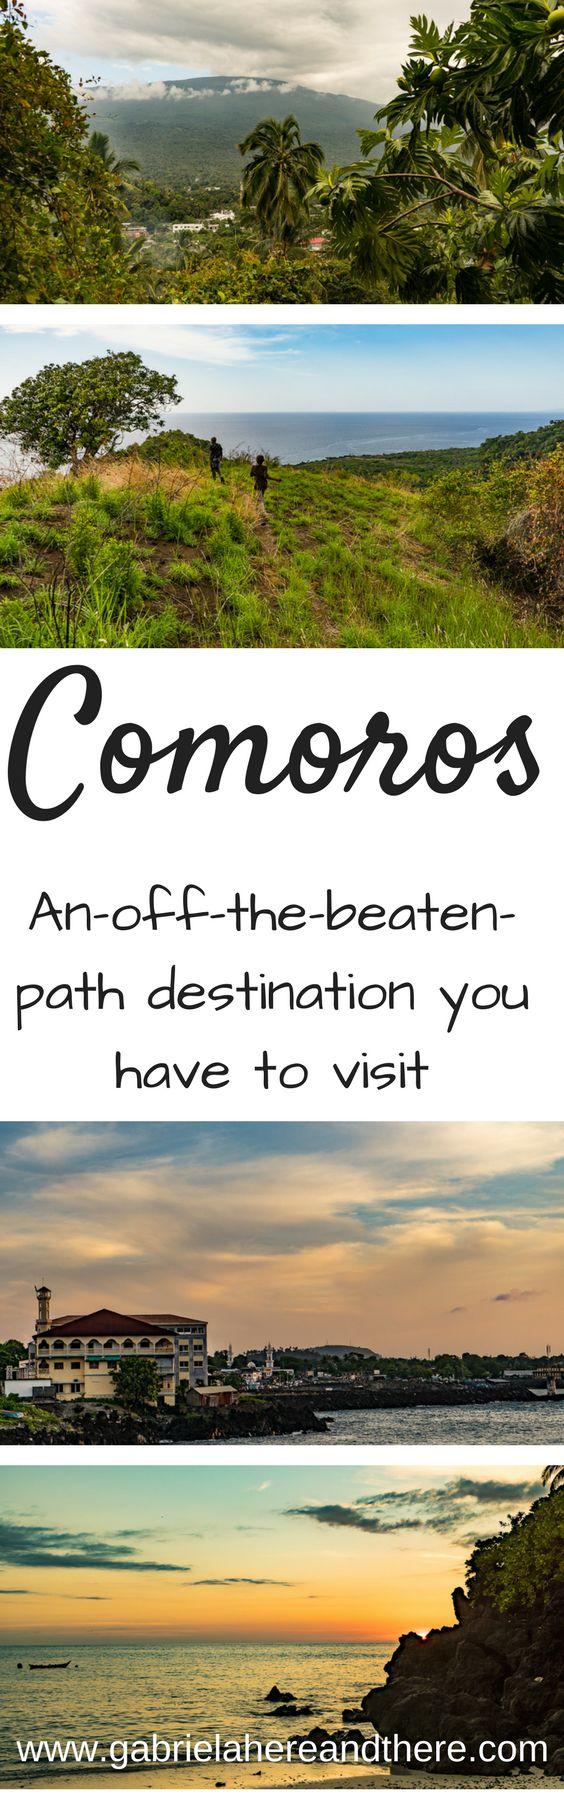 Comoros - an-off-the-beaten-path destination you have to visit  @michaelOXOXO @JonXOXOXO @emmaruthXOXO  #MAGICALCOMOROS